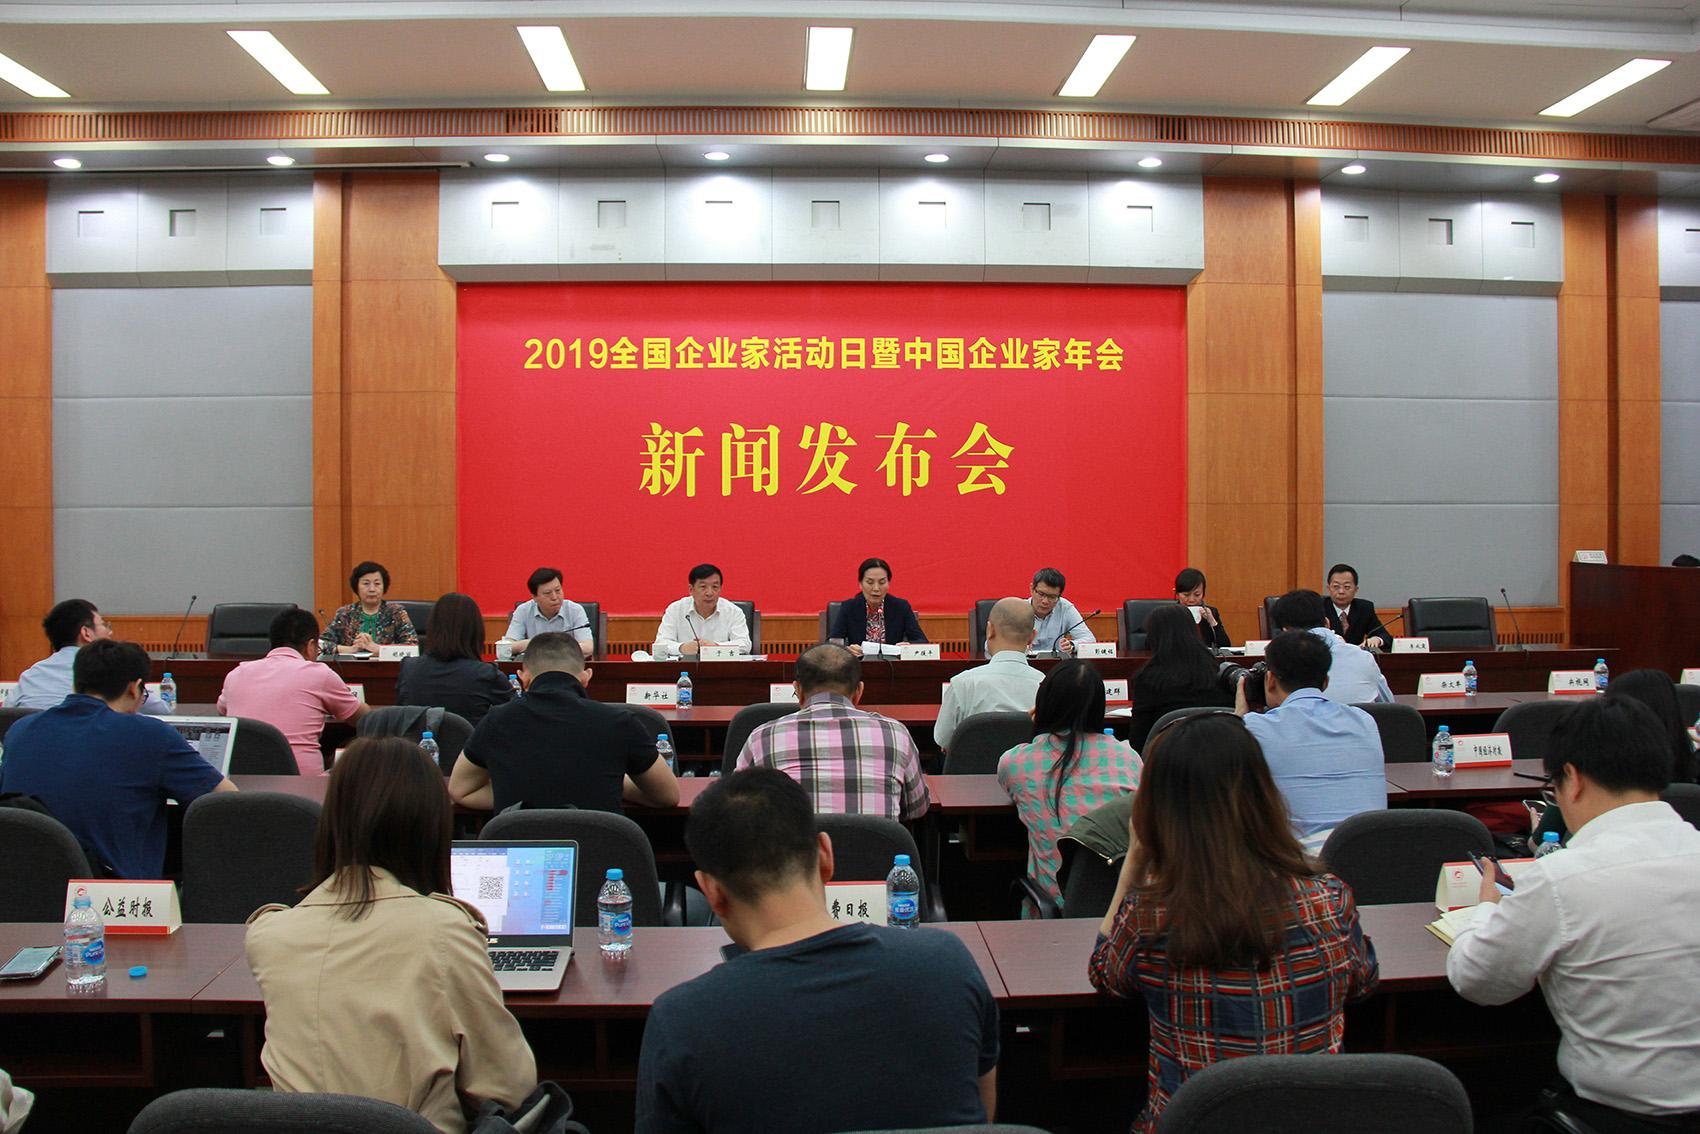 2019全国企业家活动日暨中国企业家年会将于6月在北海举行